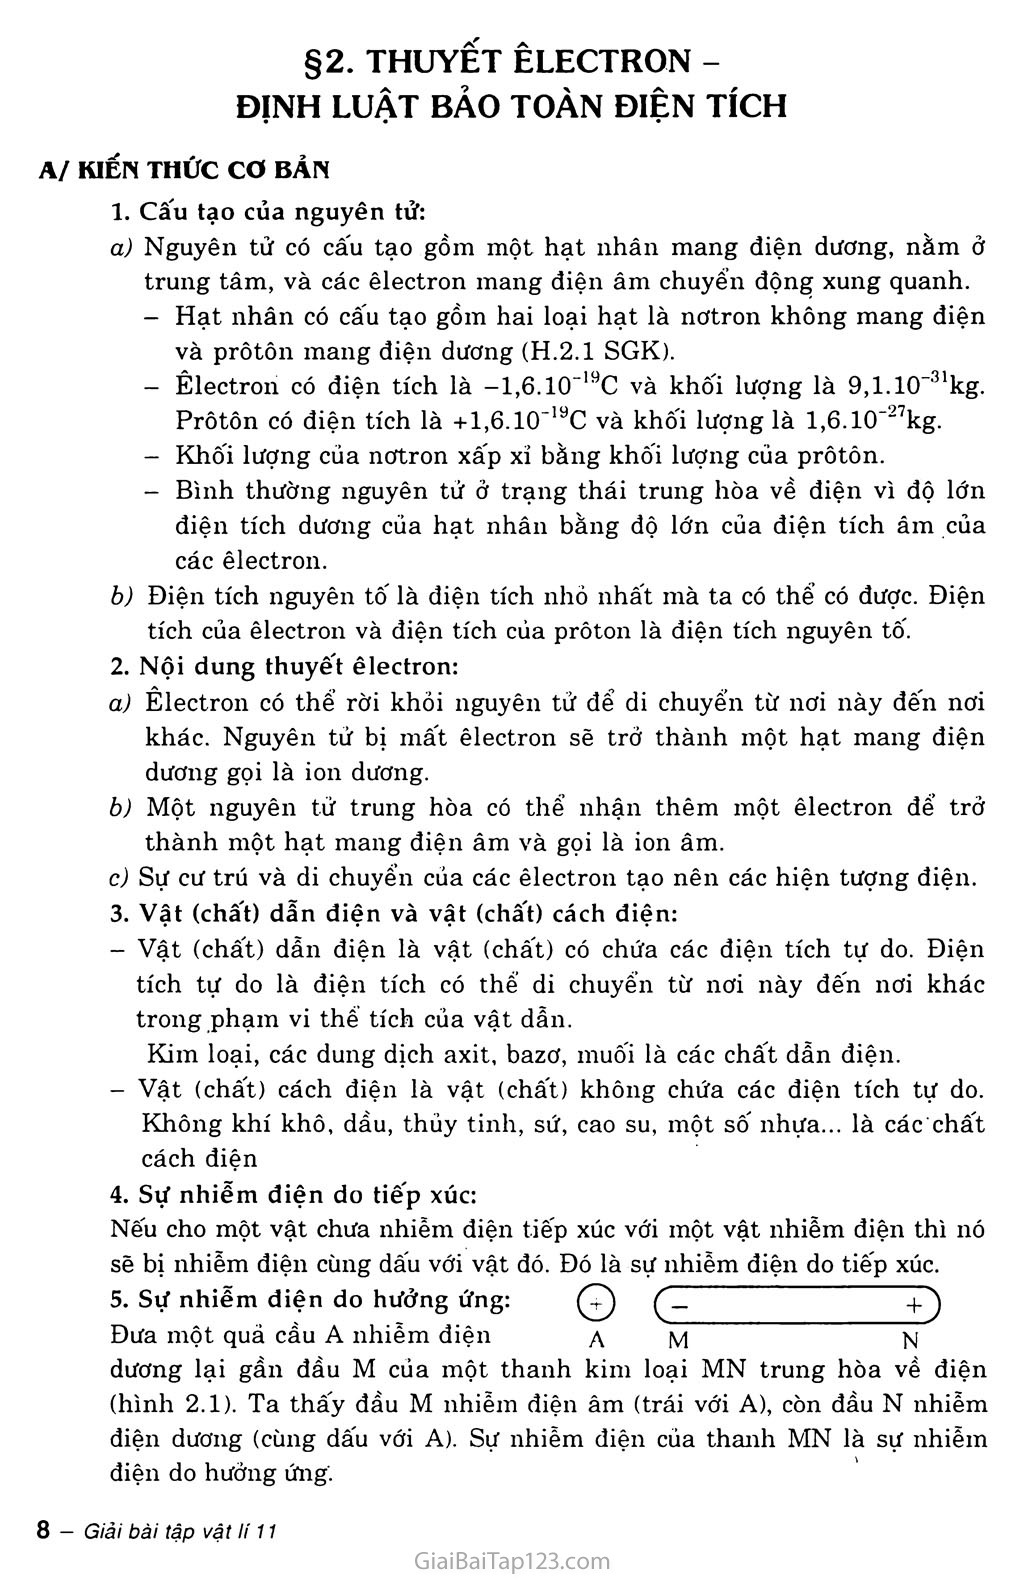 Bài 2: Thuyết electron. Định luật bảo toàn điện tích trang 1